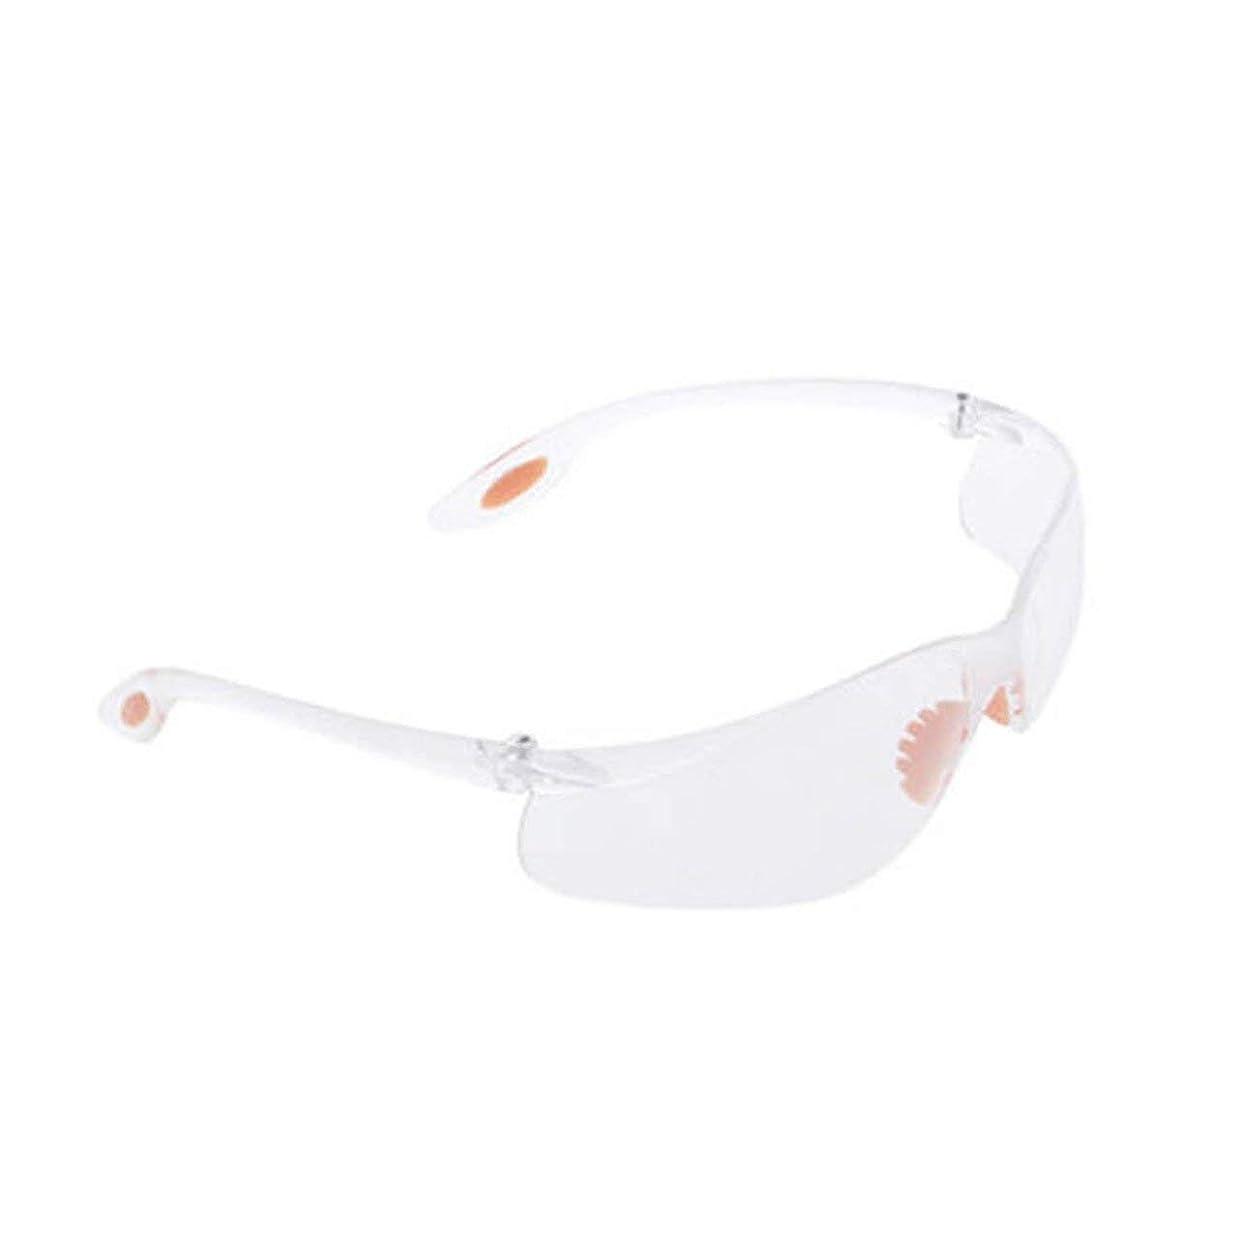 ピアノを弾く動員するフローDeeploveUU 携帯用安全メガネ保護メガネ丈夫なメガネ多機能ゴーグルユニセックスOurdoorメガネ